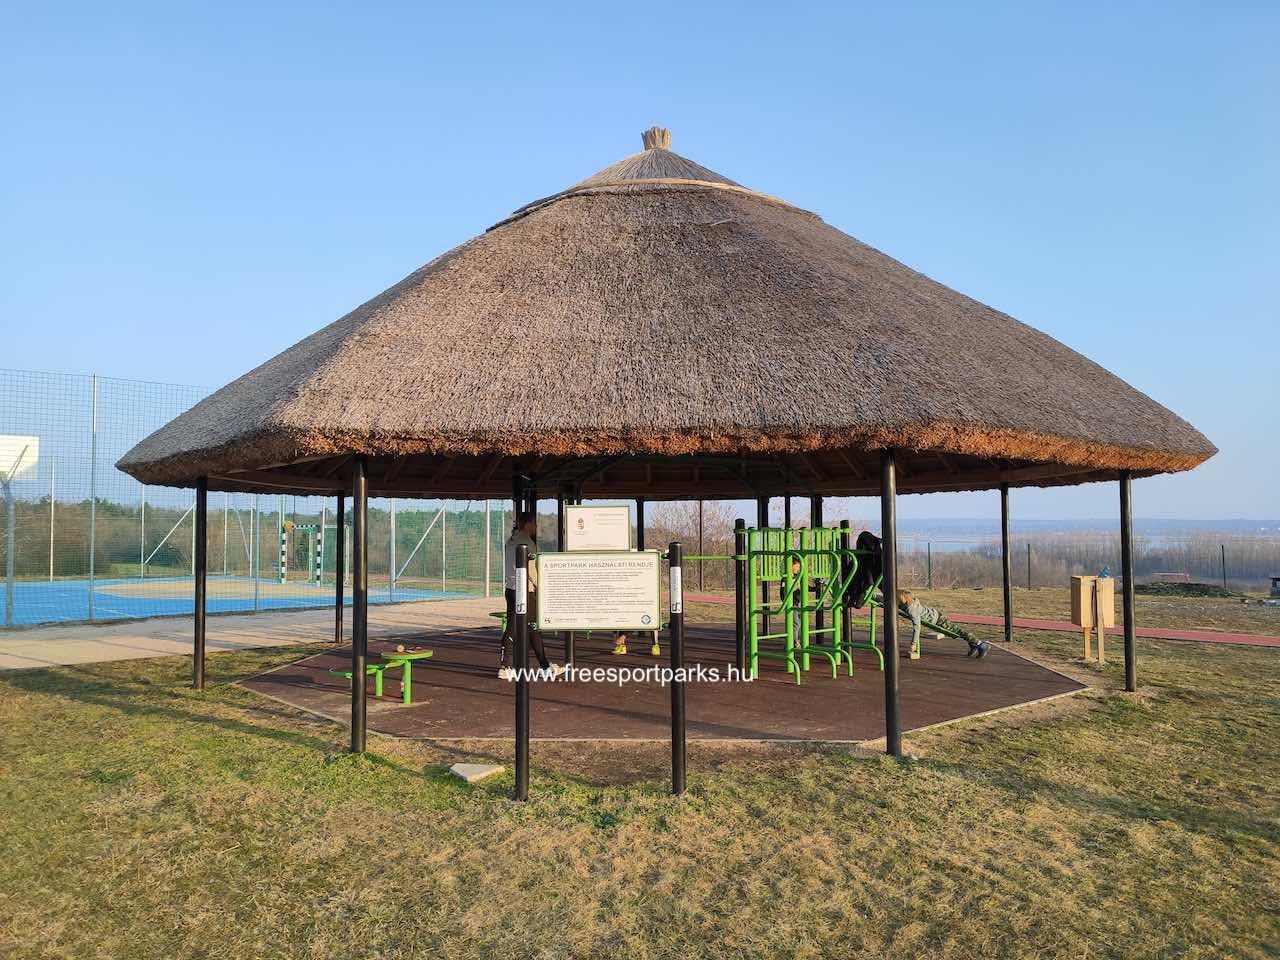 nádtetős kondipark a Sukoró sportparkban